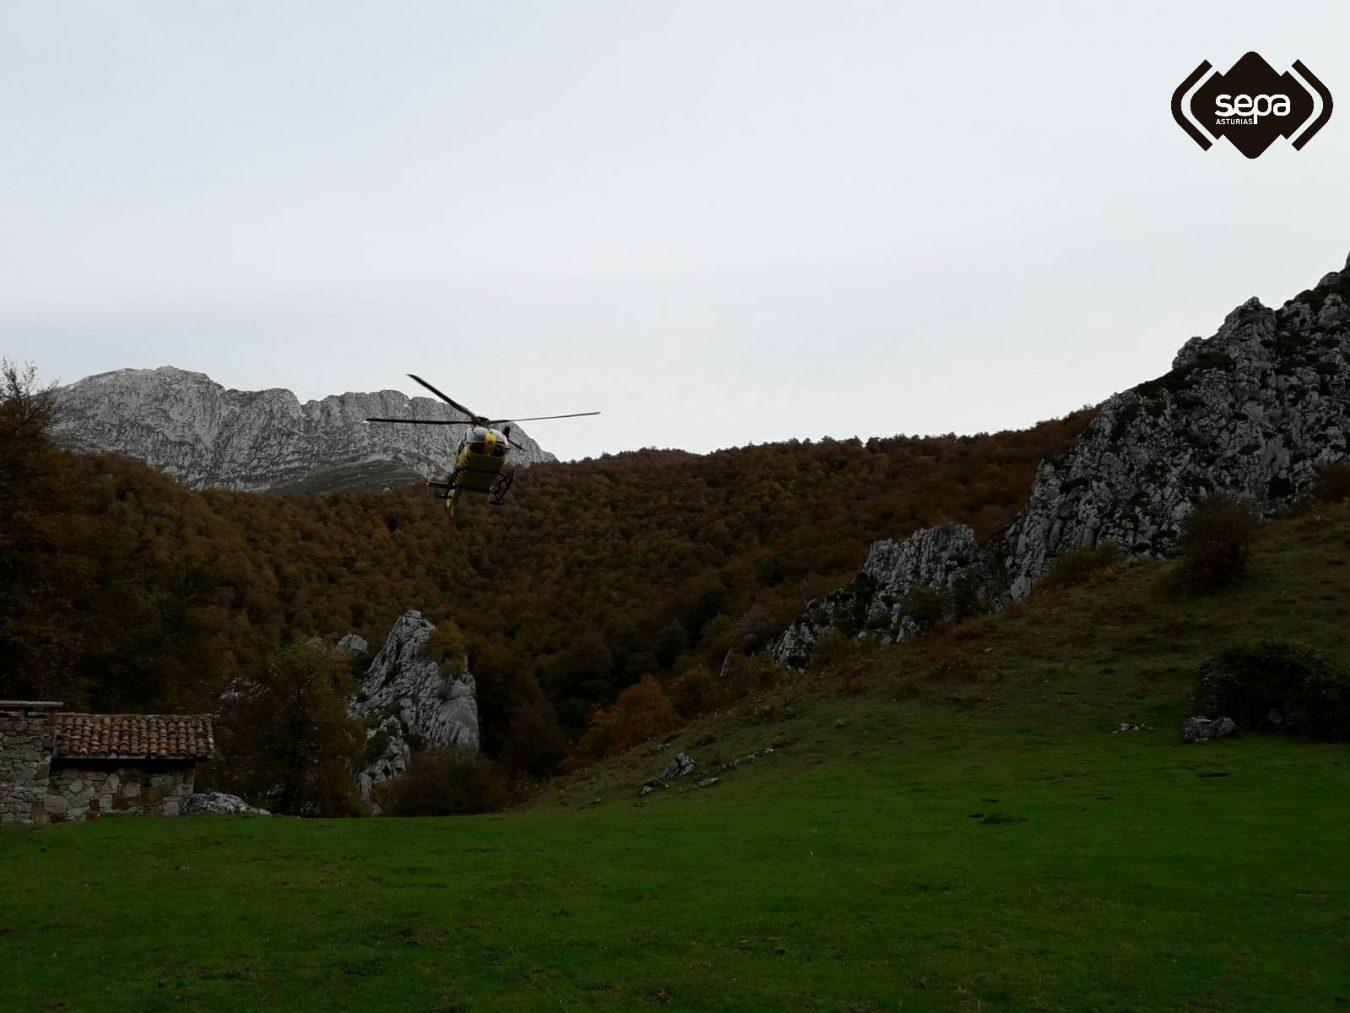 Finaliza con éxito el rastreo que permite localizar a una pareja extraviada en las montañas de Caso